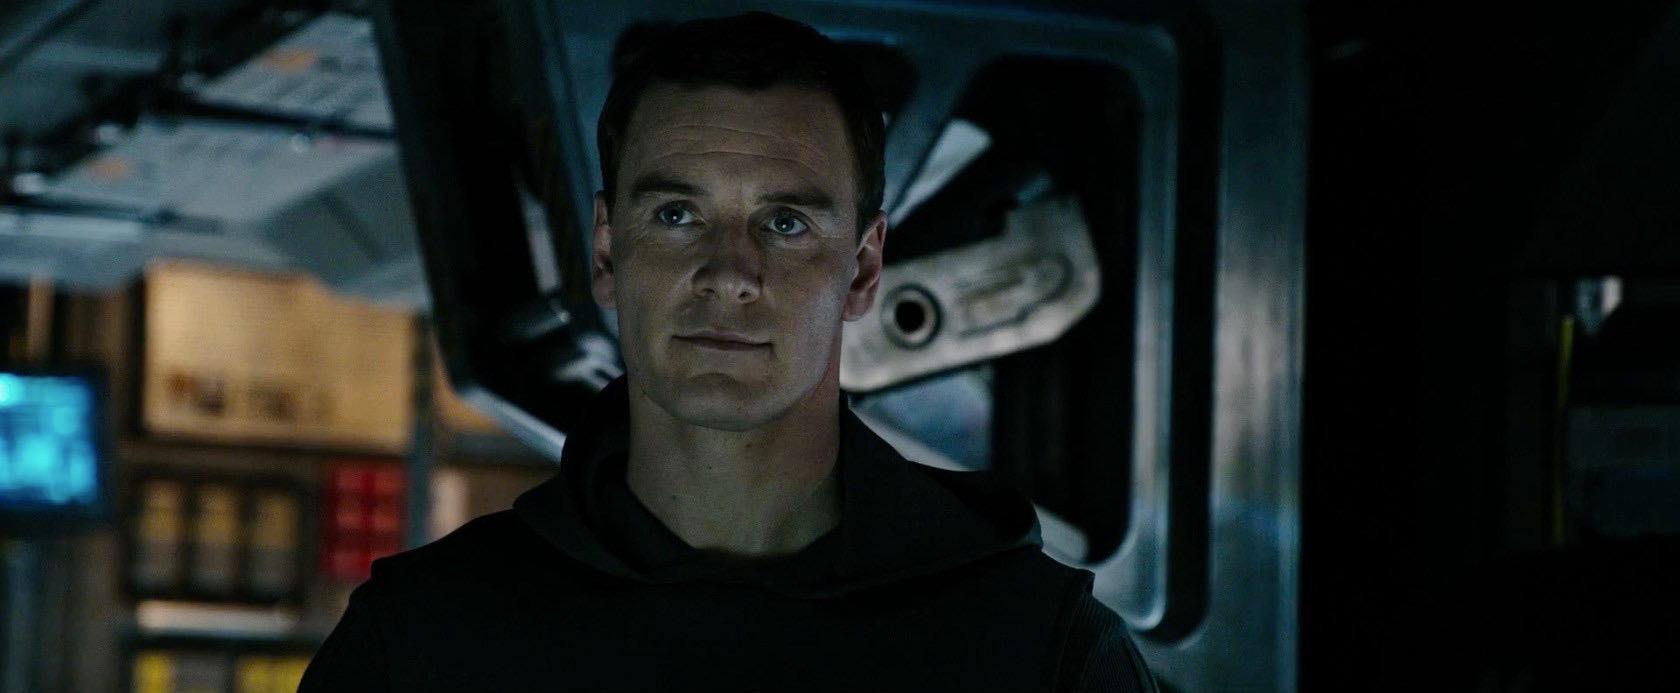 """Çin """"Alien: Covenant"""" Filmindeki Gay Öpüşme Sahnesini Sansürledi!"""